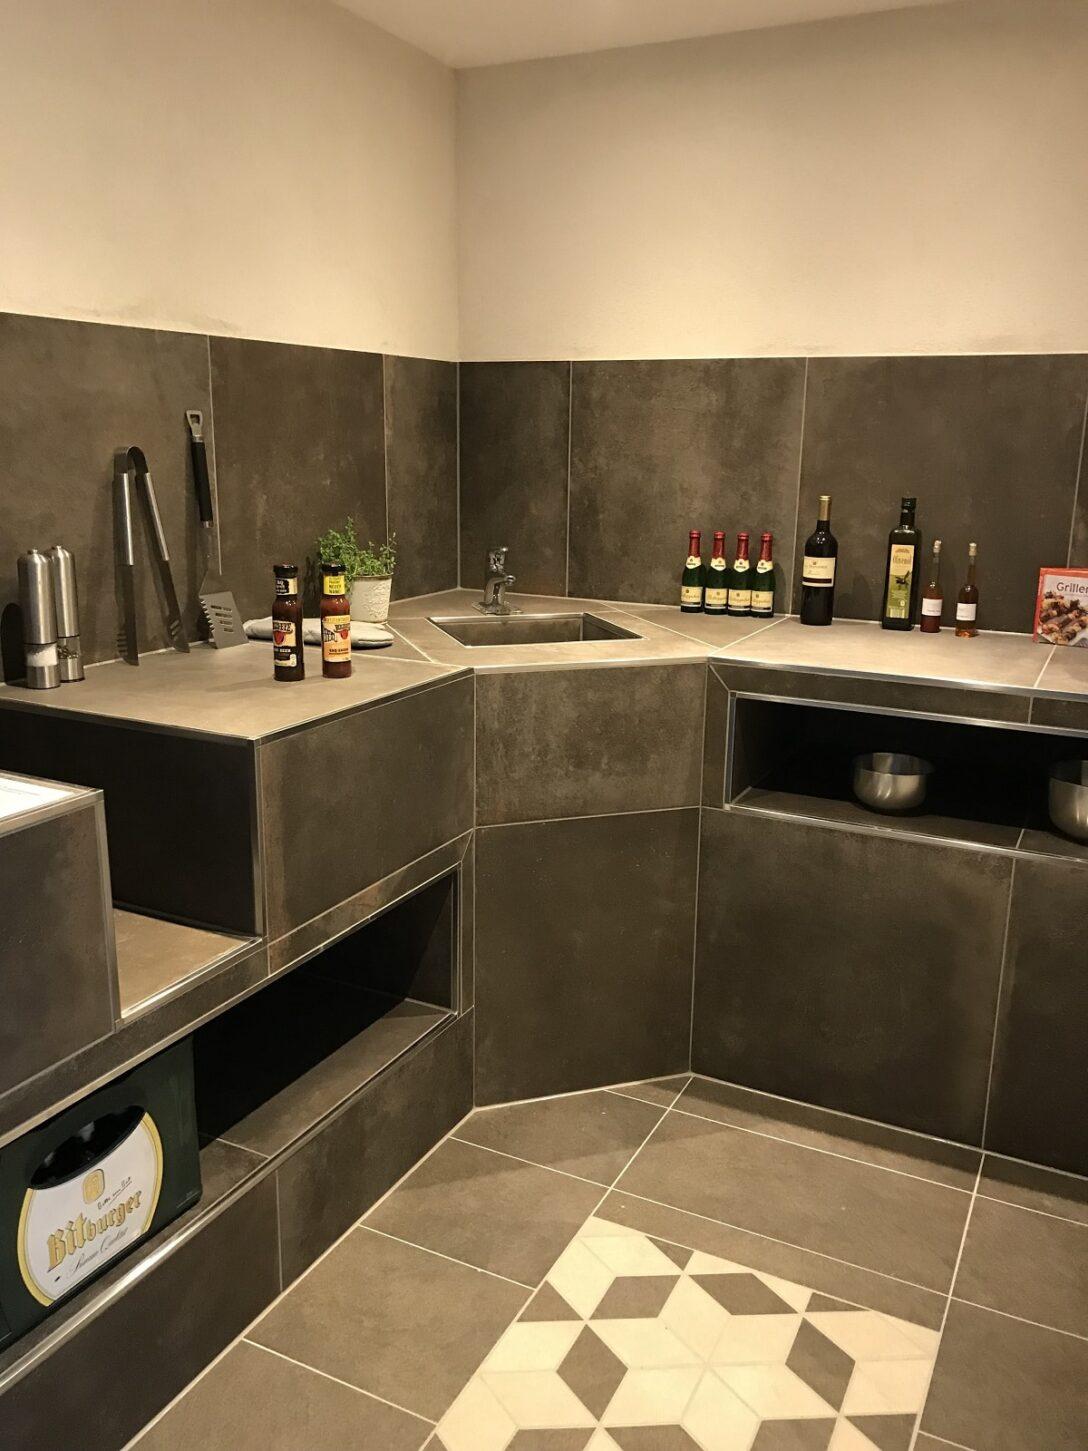 Large Size of Küchen Regal Outdoor Küche Kaufen Amerikanische Betten Amerikanisches Bett Edelstahl Wohnzimmer Amerikanische Outdoor Küchen